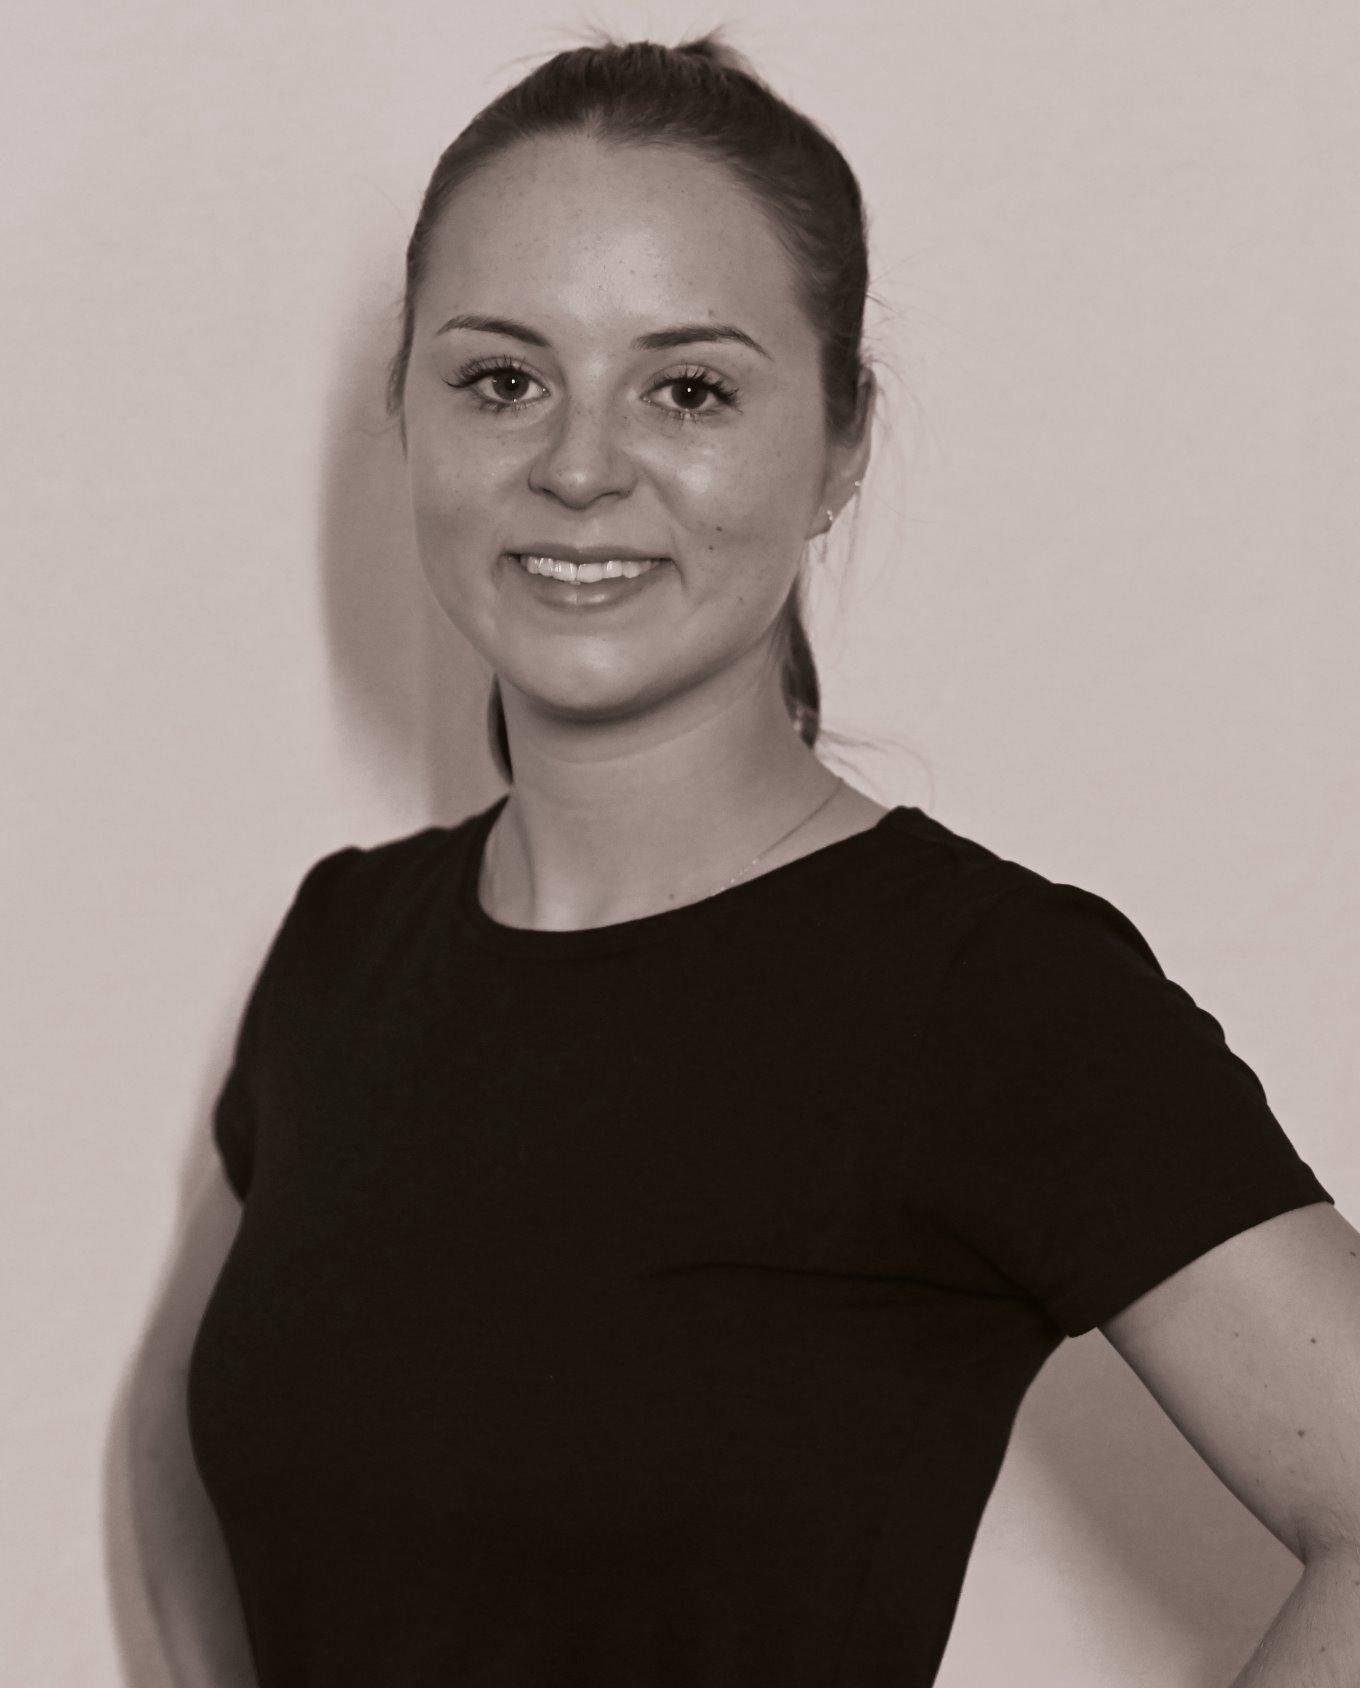 Lena Mosburger